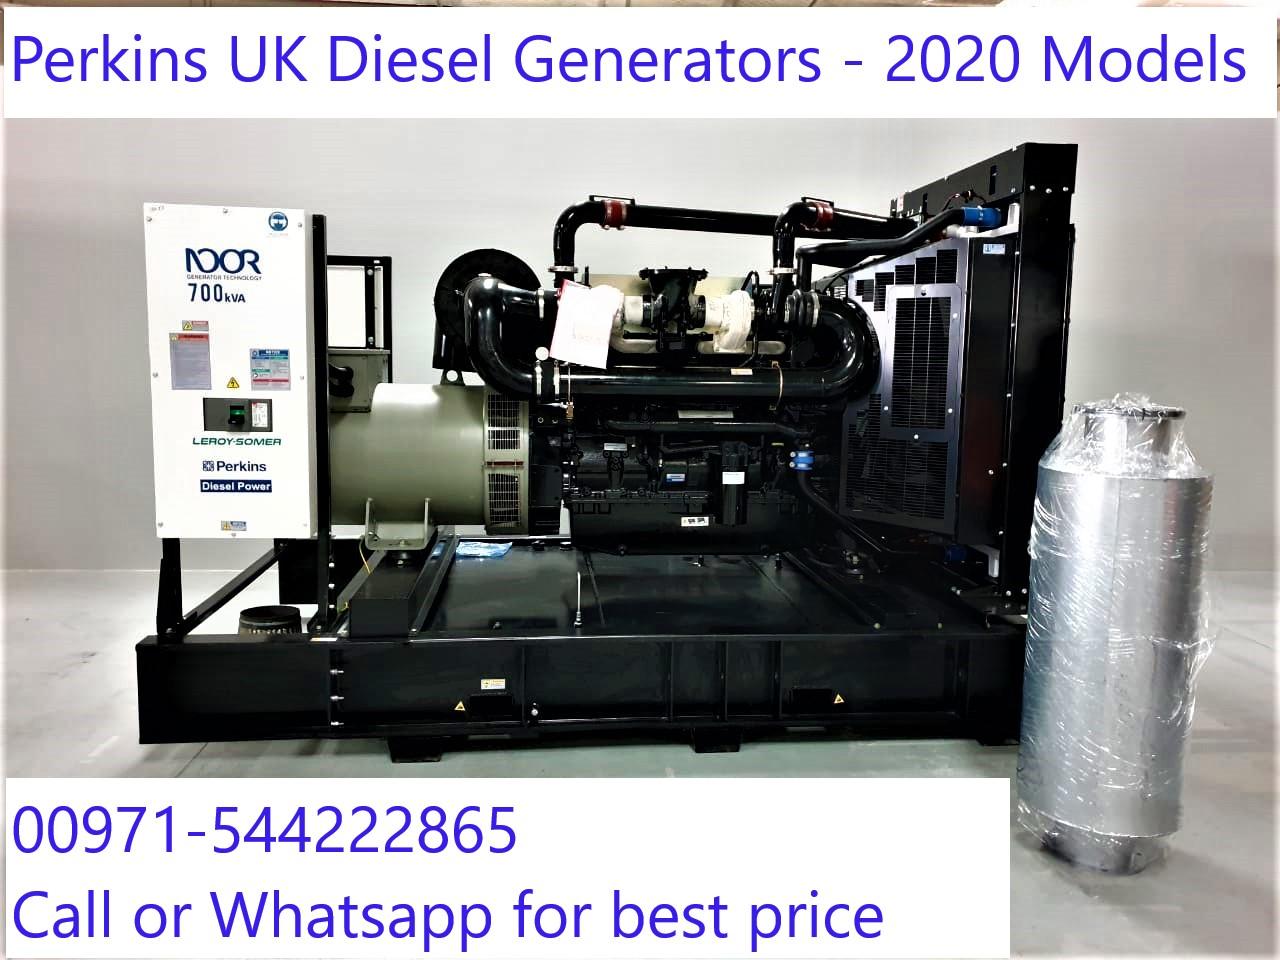 Diesel Generators powered by Perkins UK engine